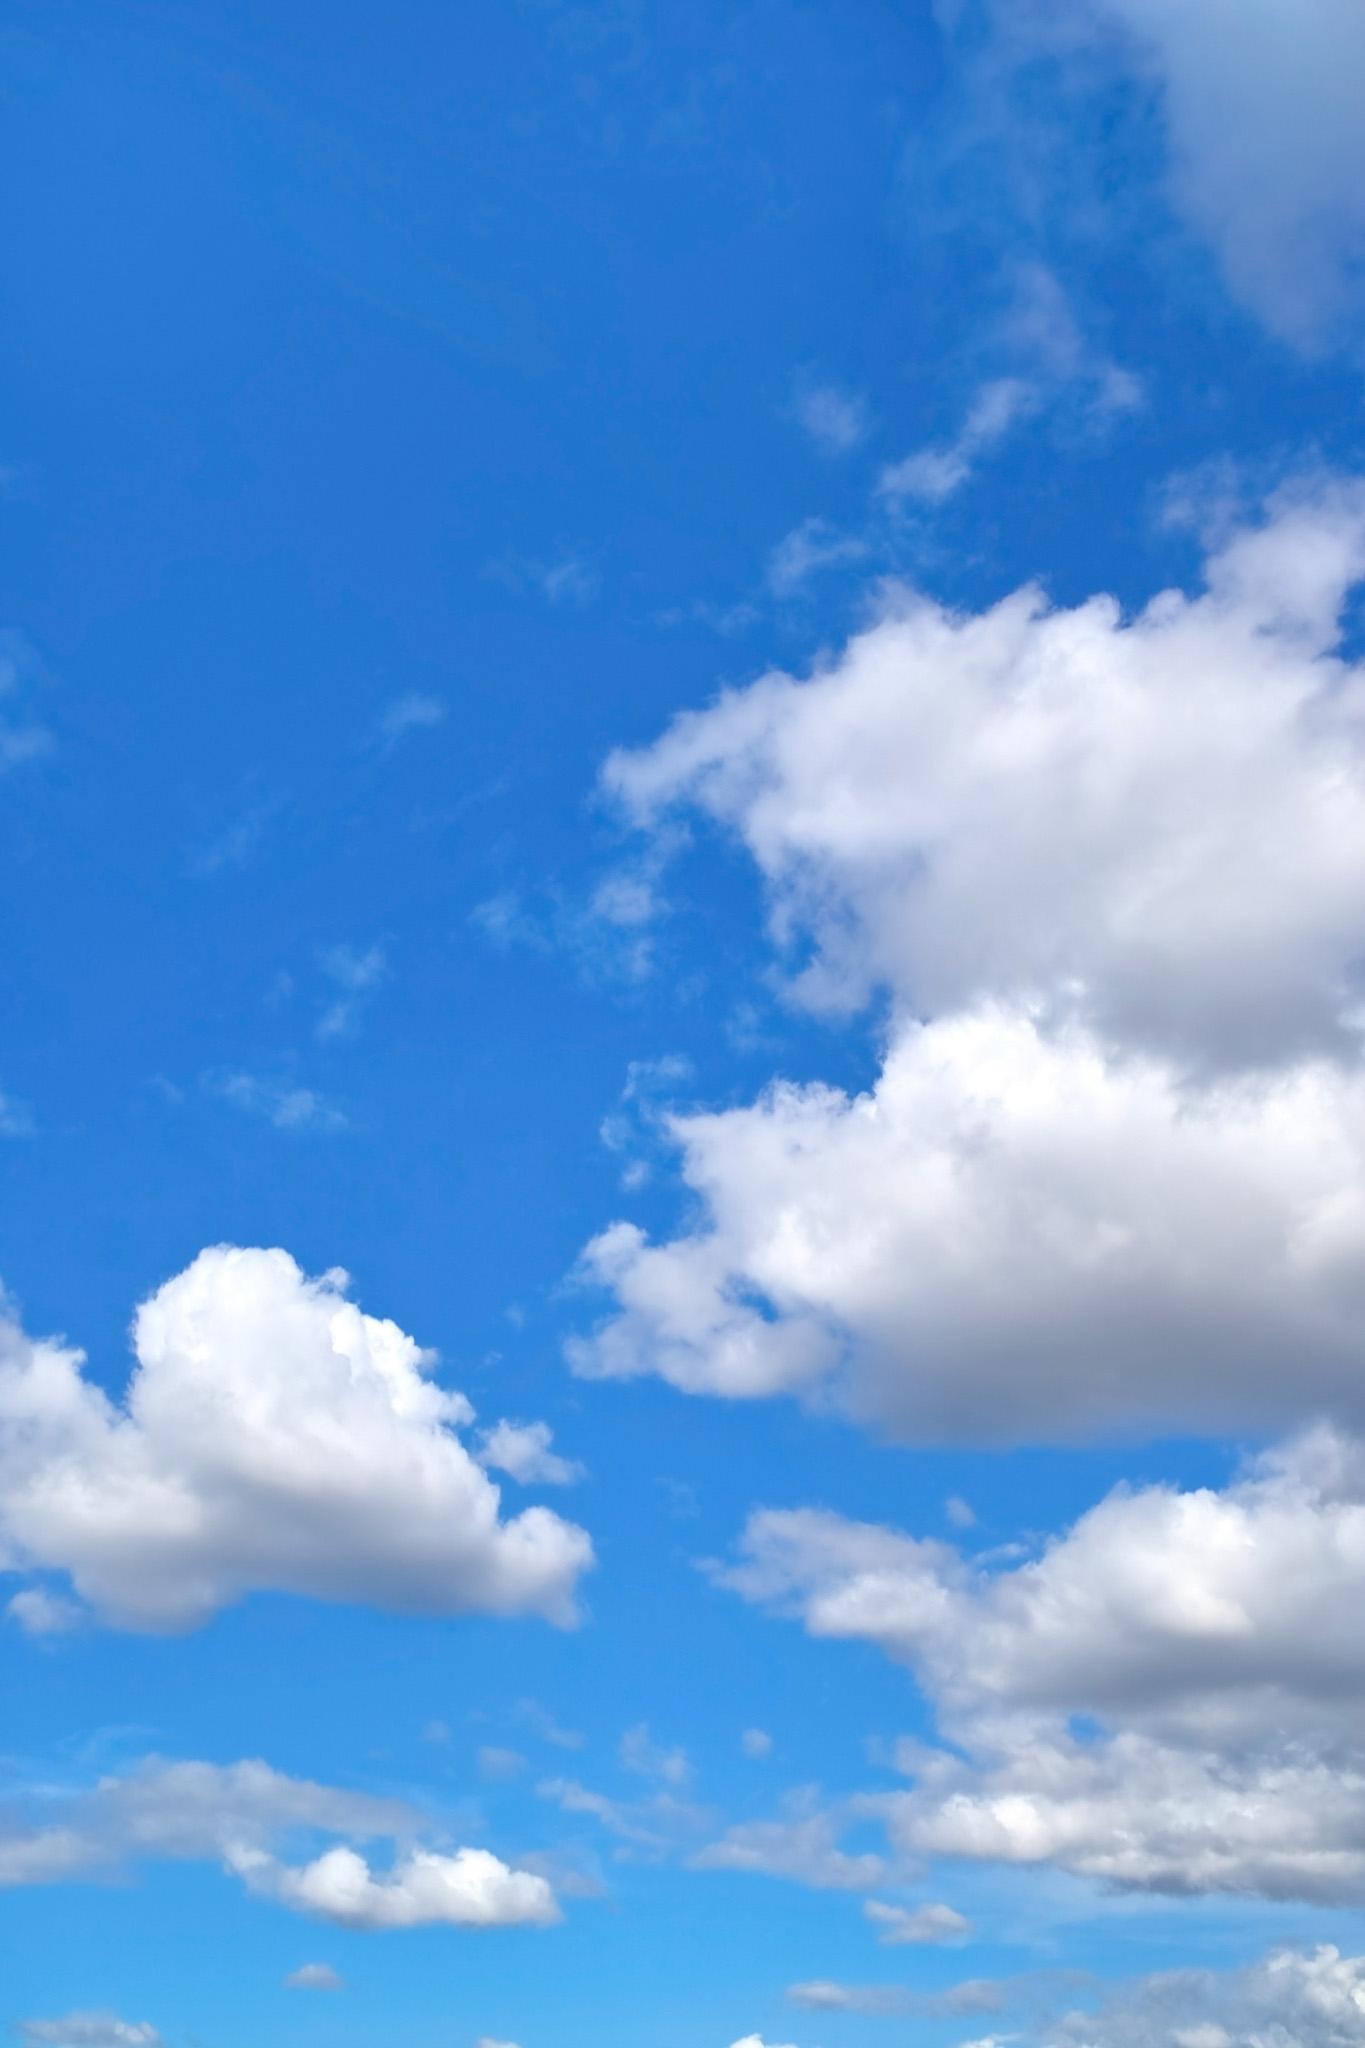 「青空と雲がどこまでも続く」の画像を無料ダウンロード